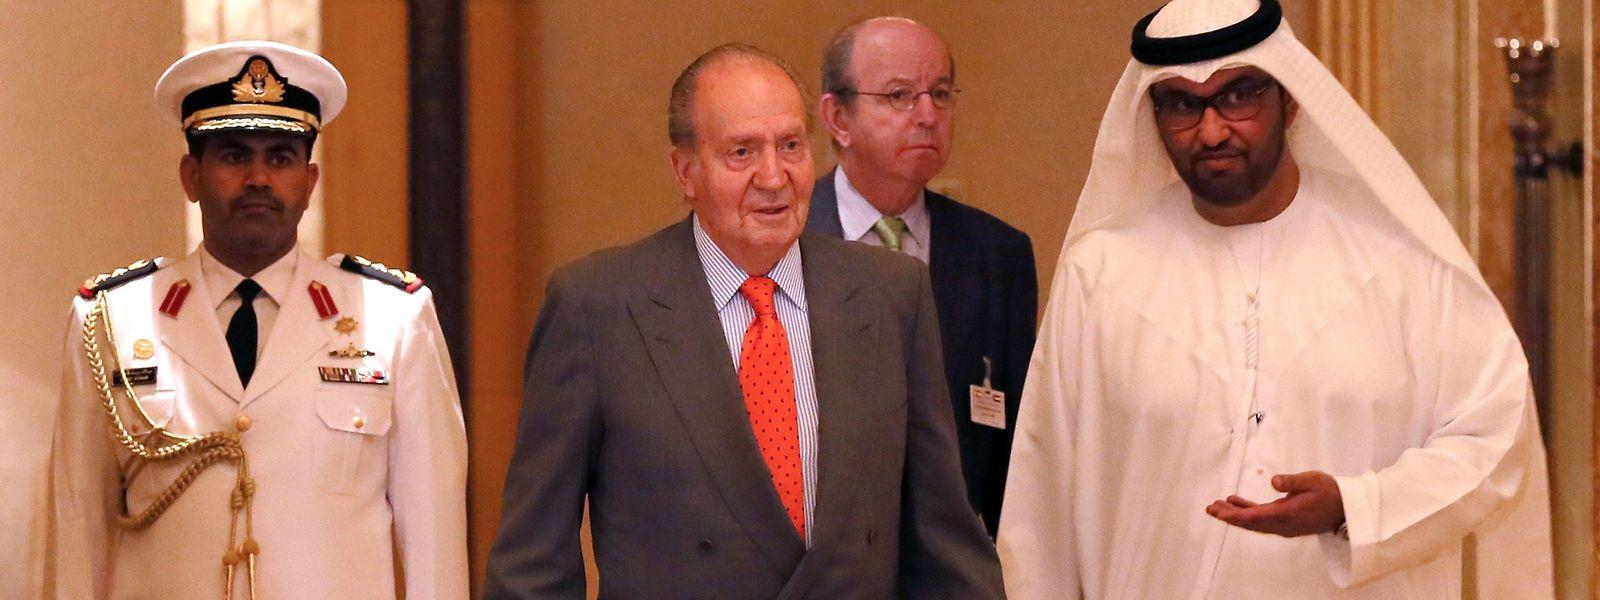 In den Emiraten im Jahr 2014: Juan Carlos und seine zwielichtigen Verbindungen zu solventen arabischen Scheichen und anderen Geschäftsmännern aus aller Welt sorgen für Unmut unter den Spaniern.